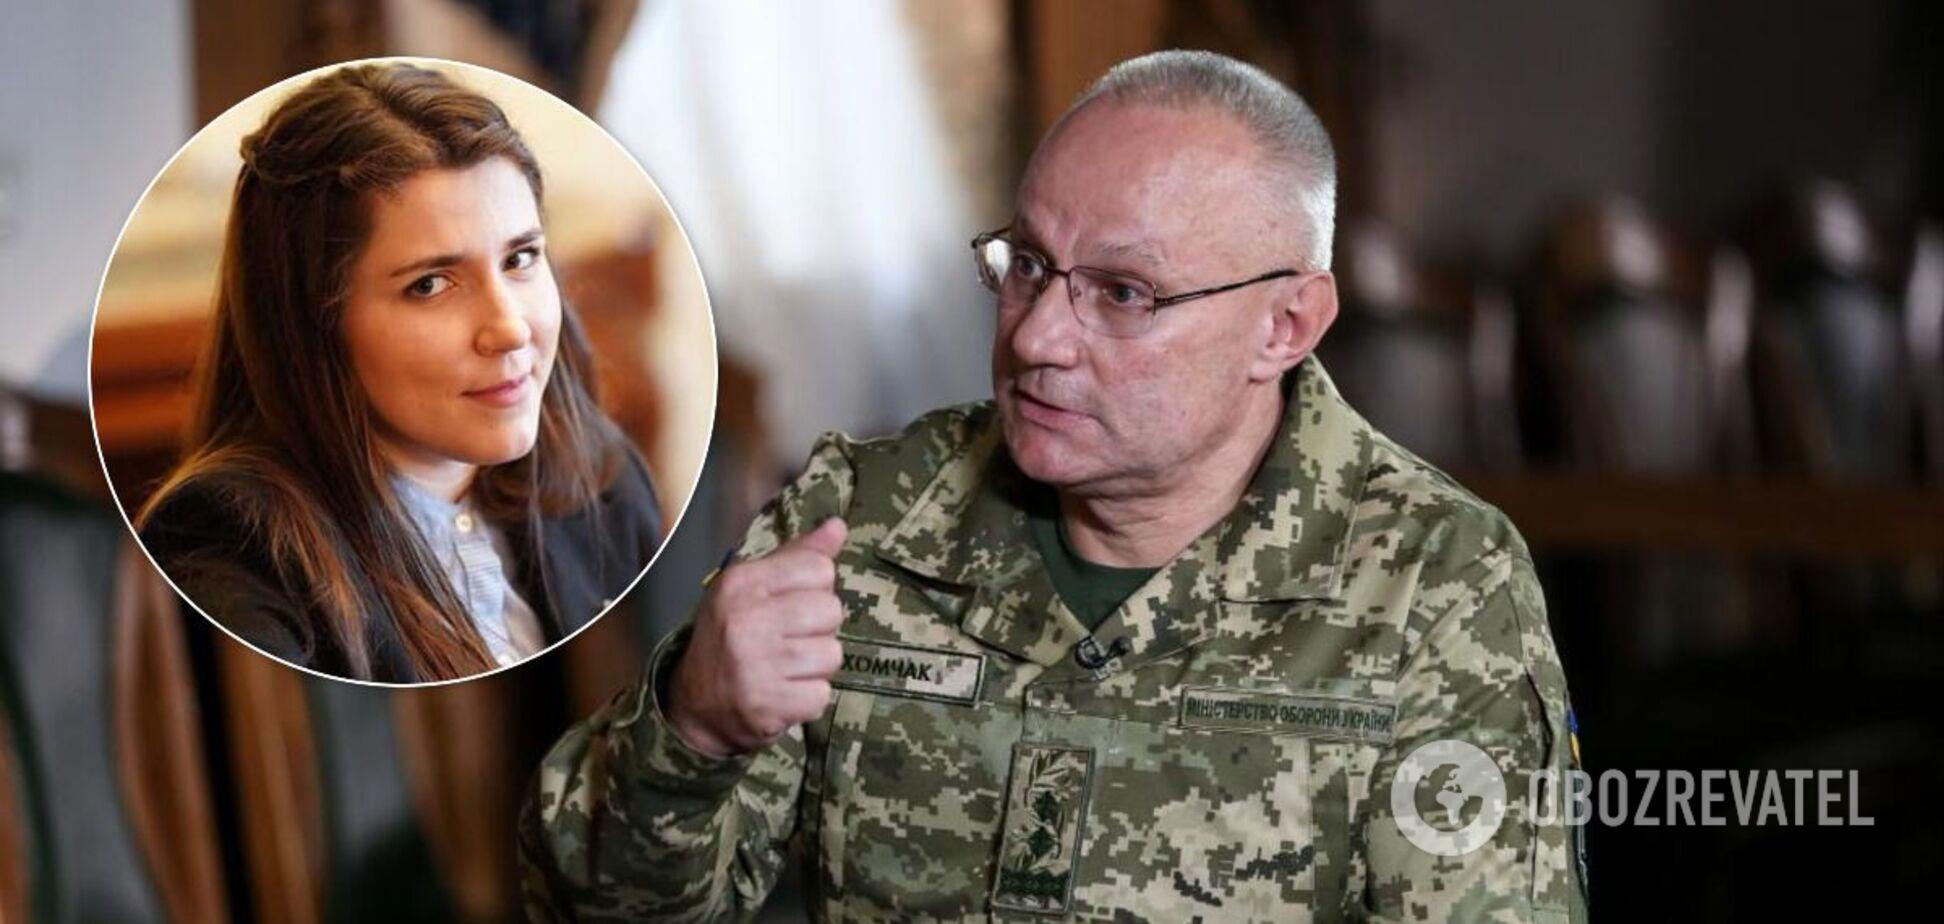 Анна Коваленко и Руслан Хомчак